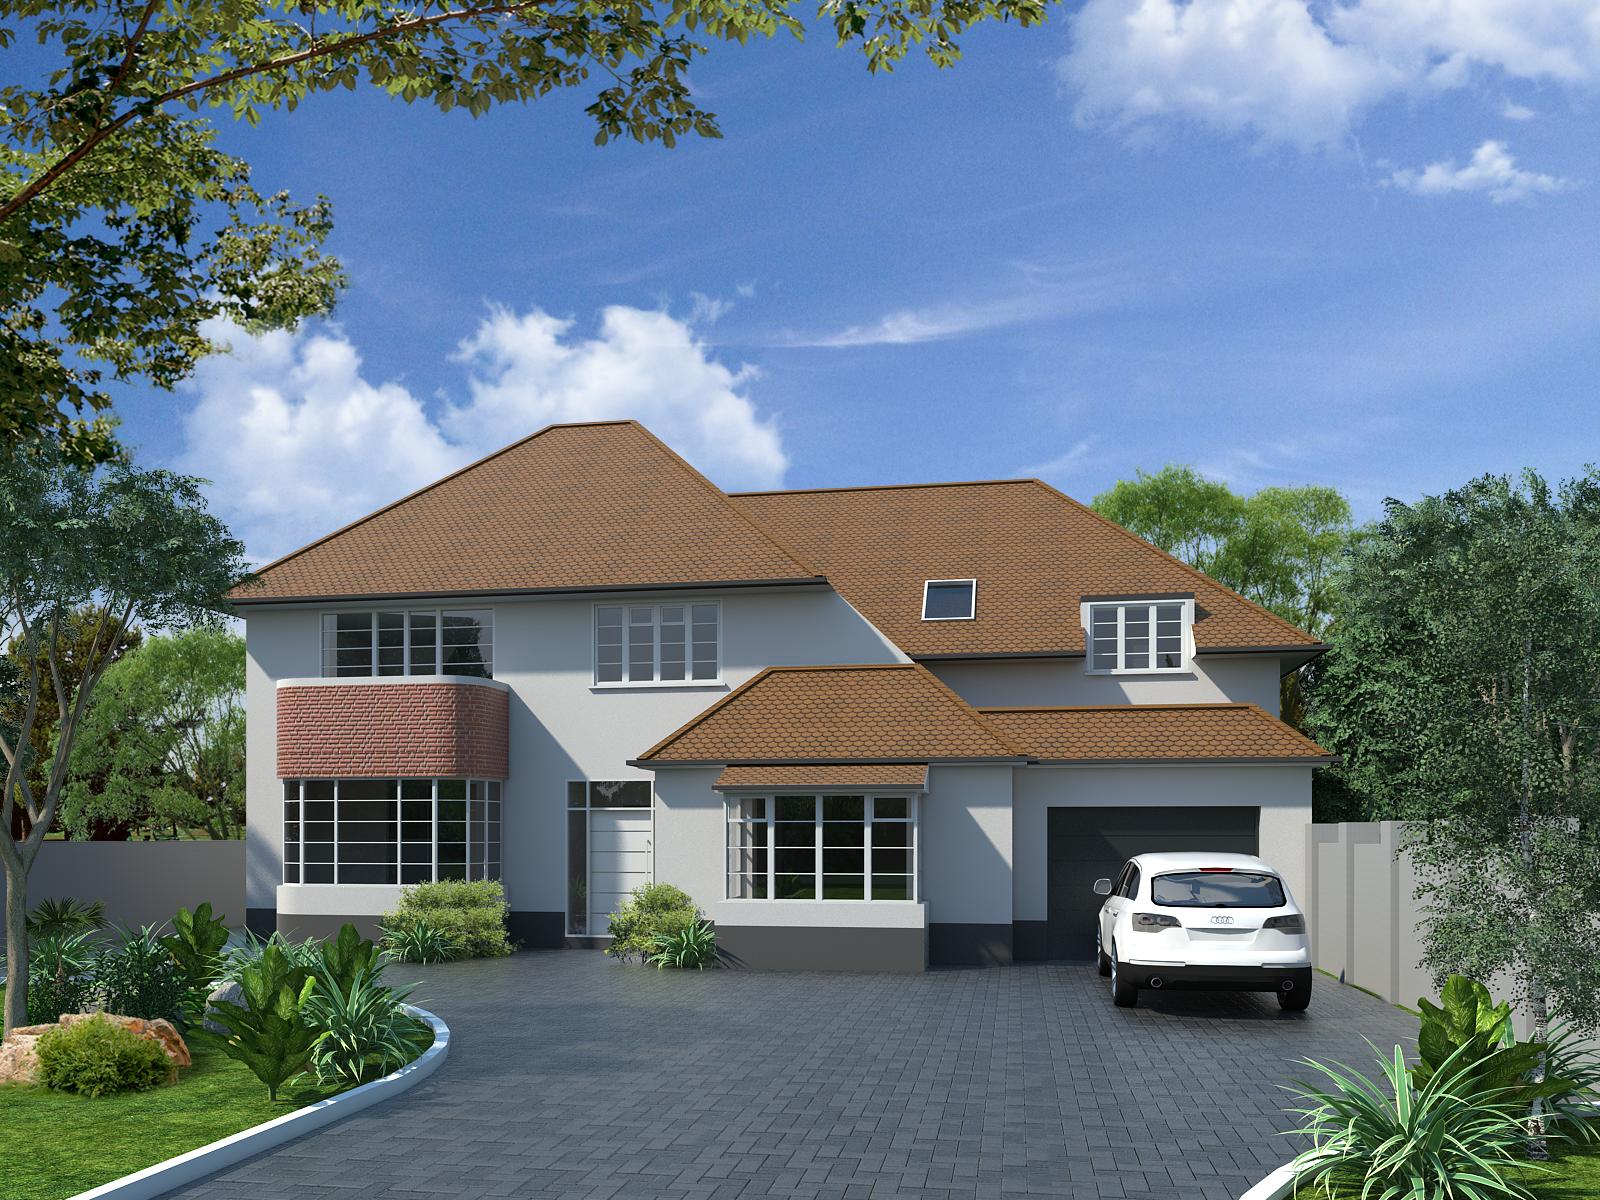 Goring Architectural Design Front Elevation.png